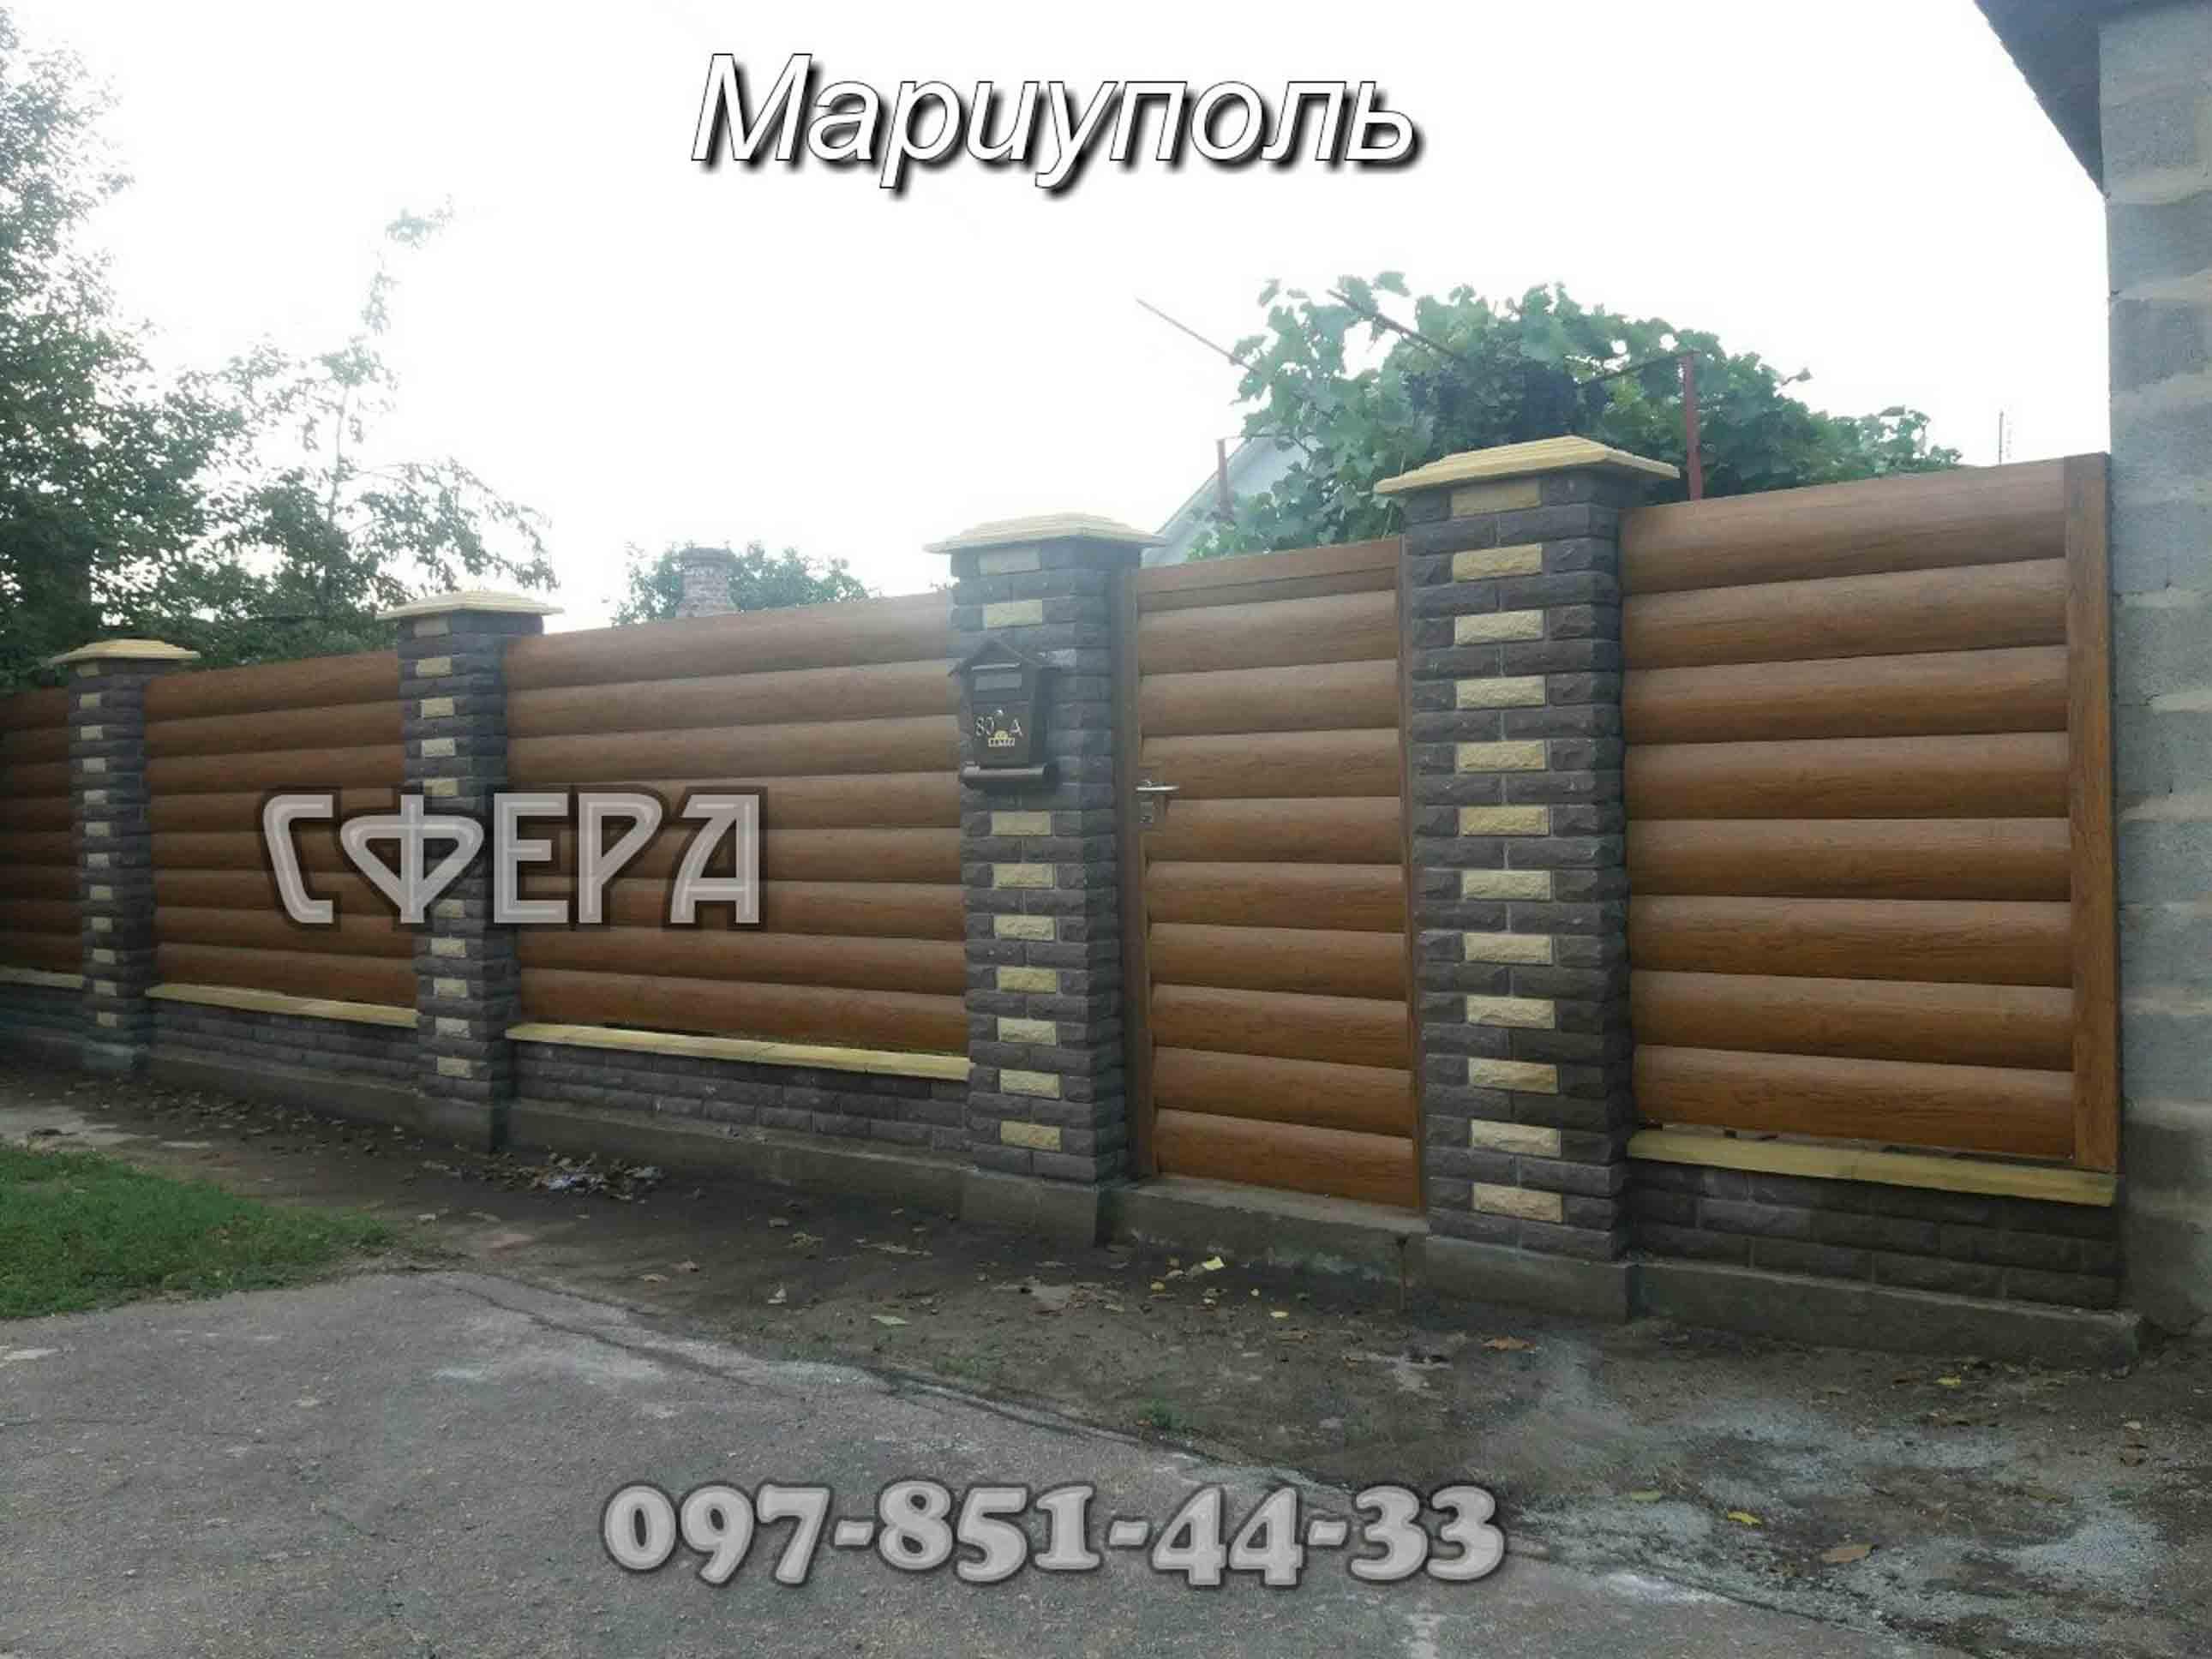 Заборы металлические, кованые, с профлиста, блок-хаус, решетчатые. фото 4